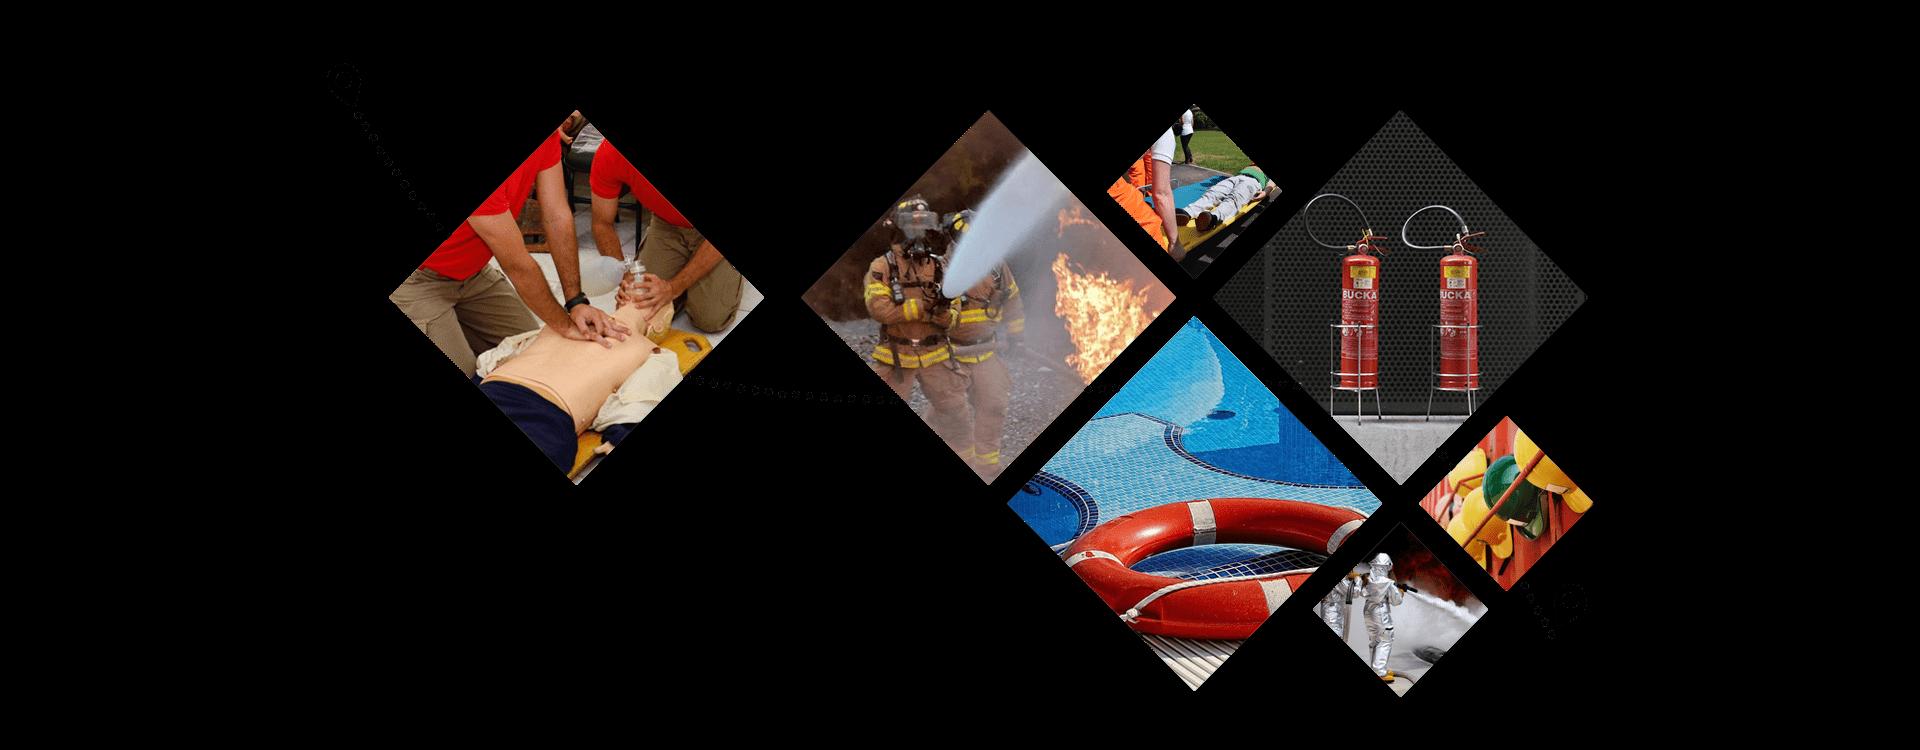 Imagens dos serviços da Red Safety: maqueiros, bombeiros civis, guardião de piscina, aluguel de equipamentos de segurança e primeiros socorros.